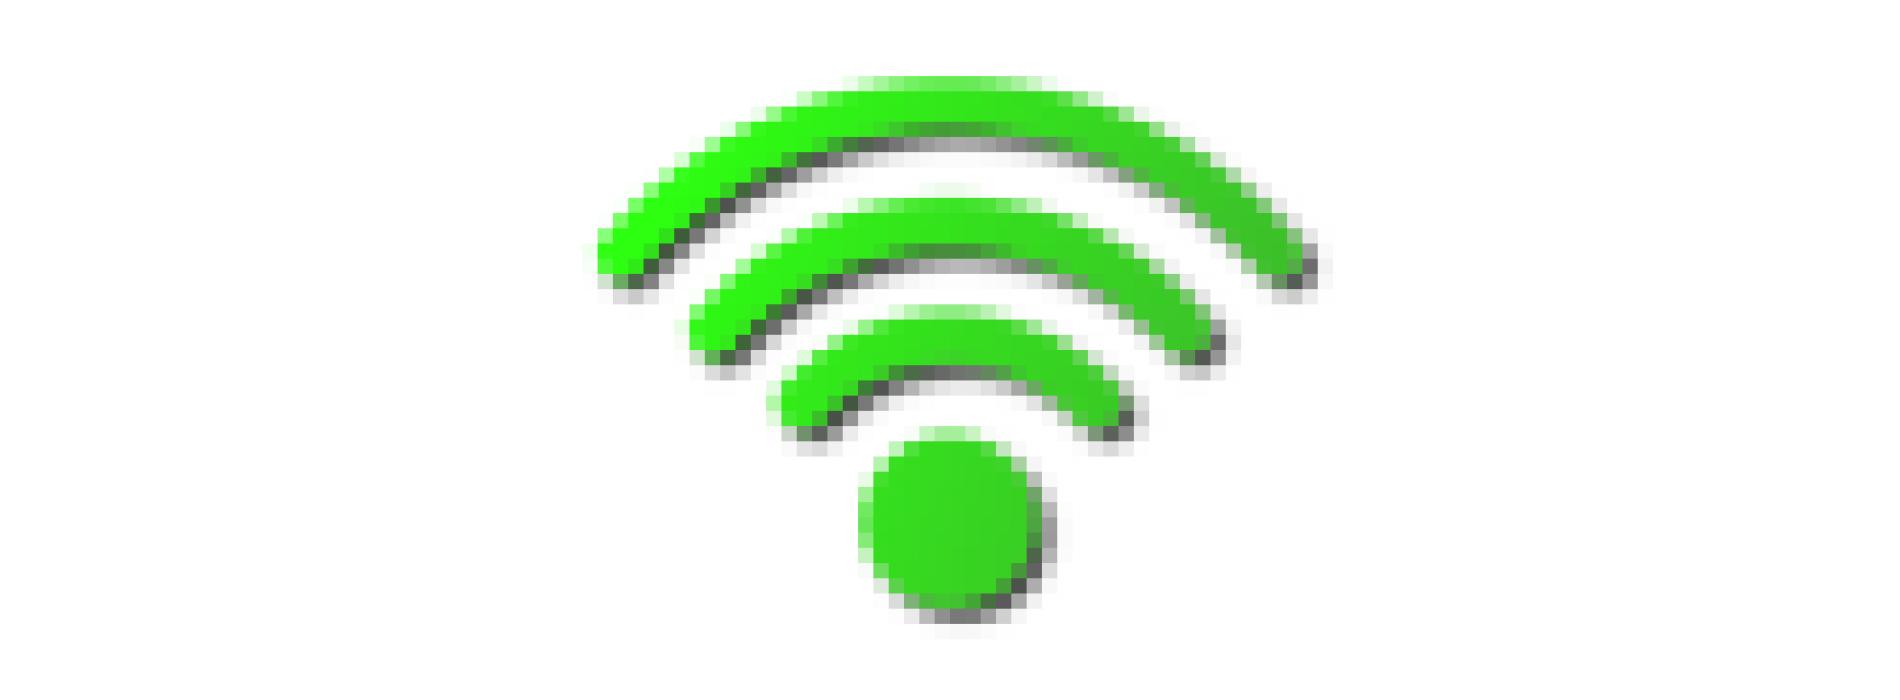 للاندرويد | wireless tether جهازك مودم للانترنت